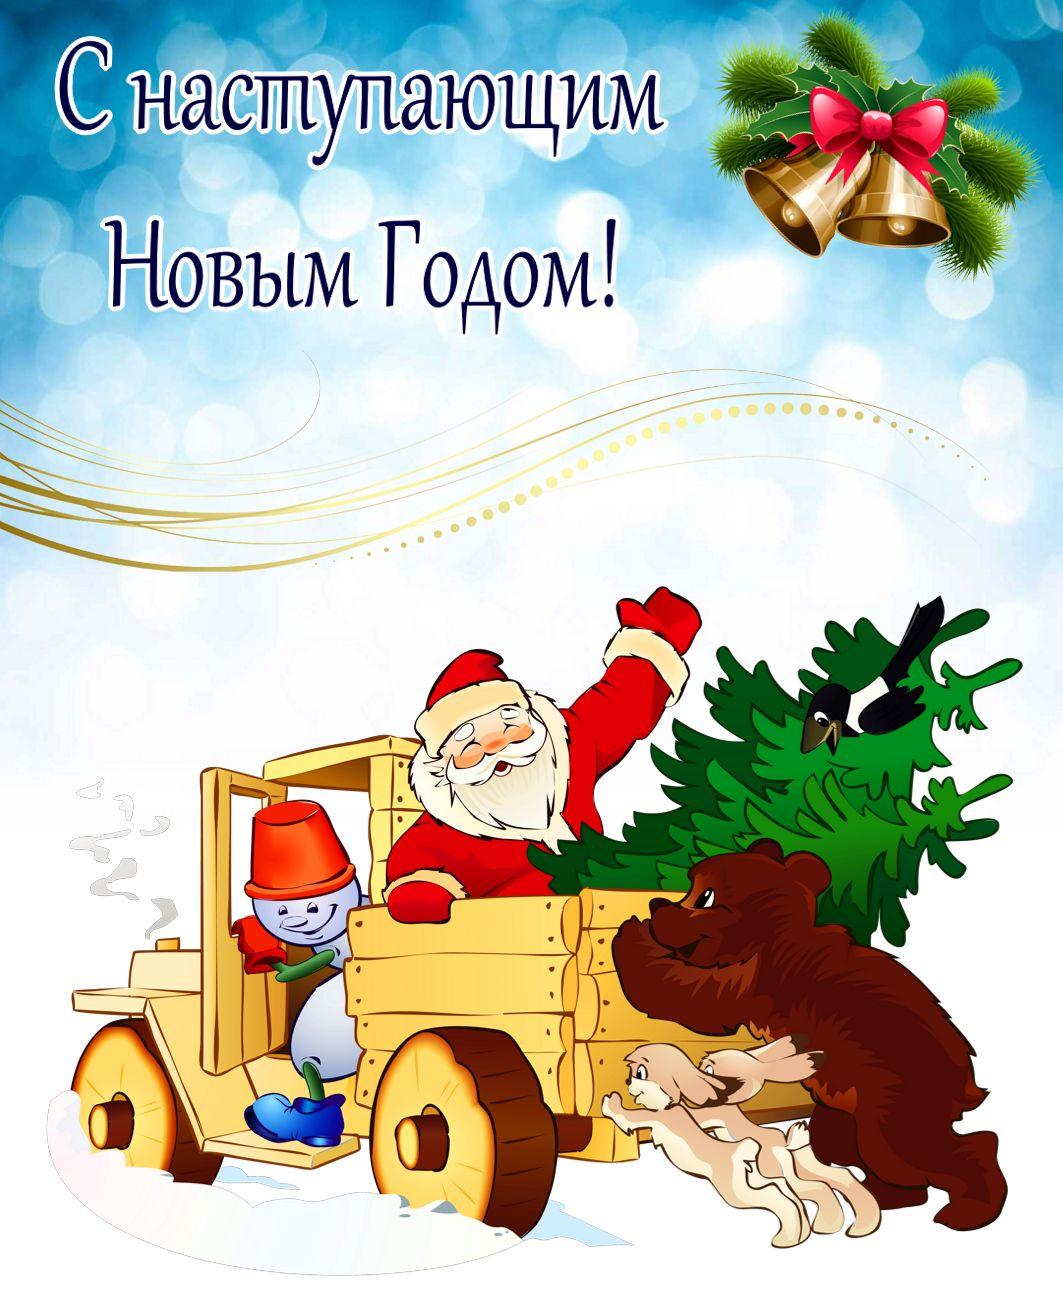 Новогодняя открытка - медведь и зайчата помогают Деду Морозу